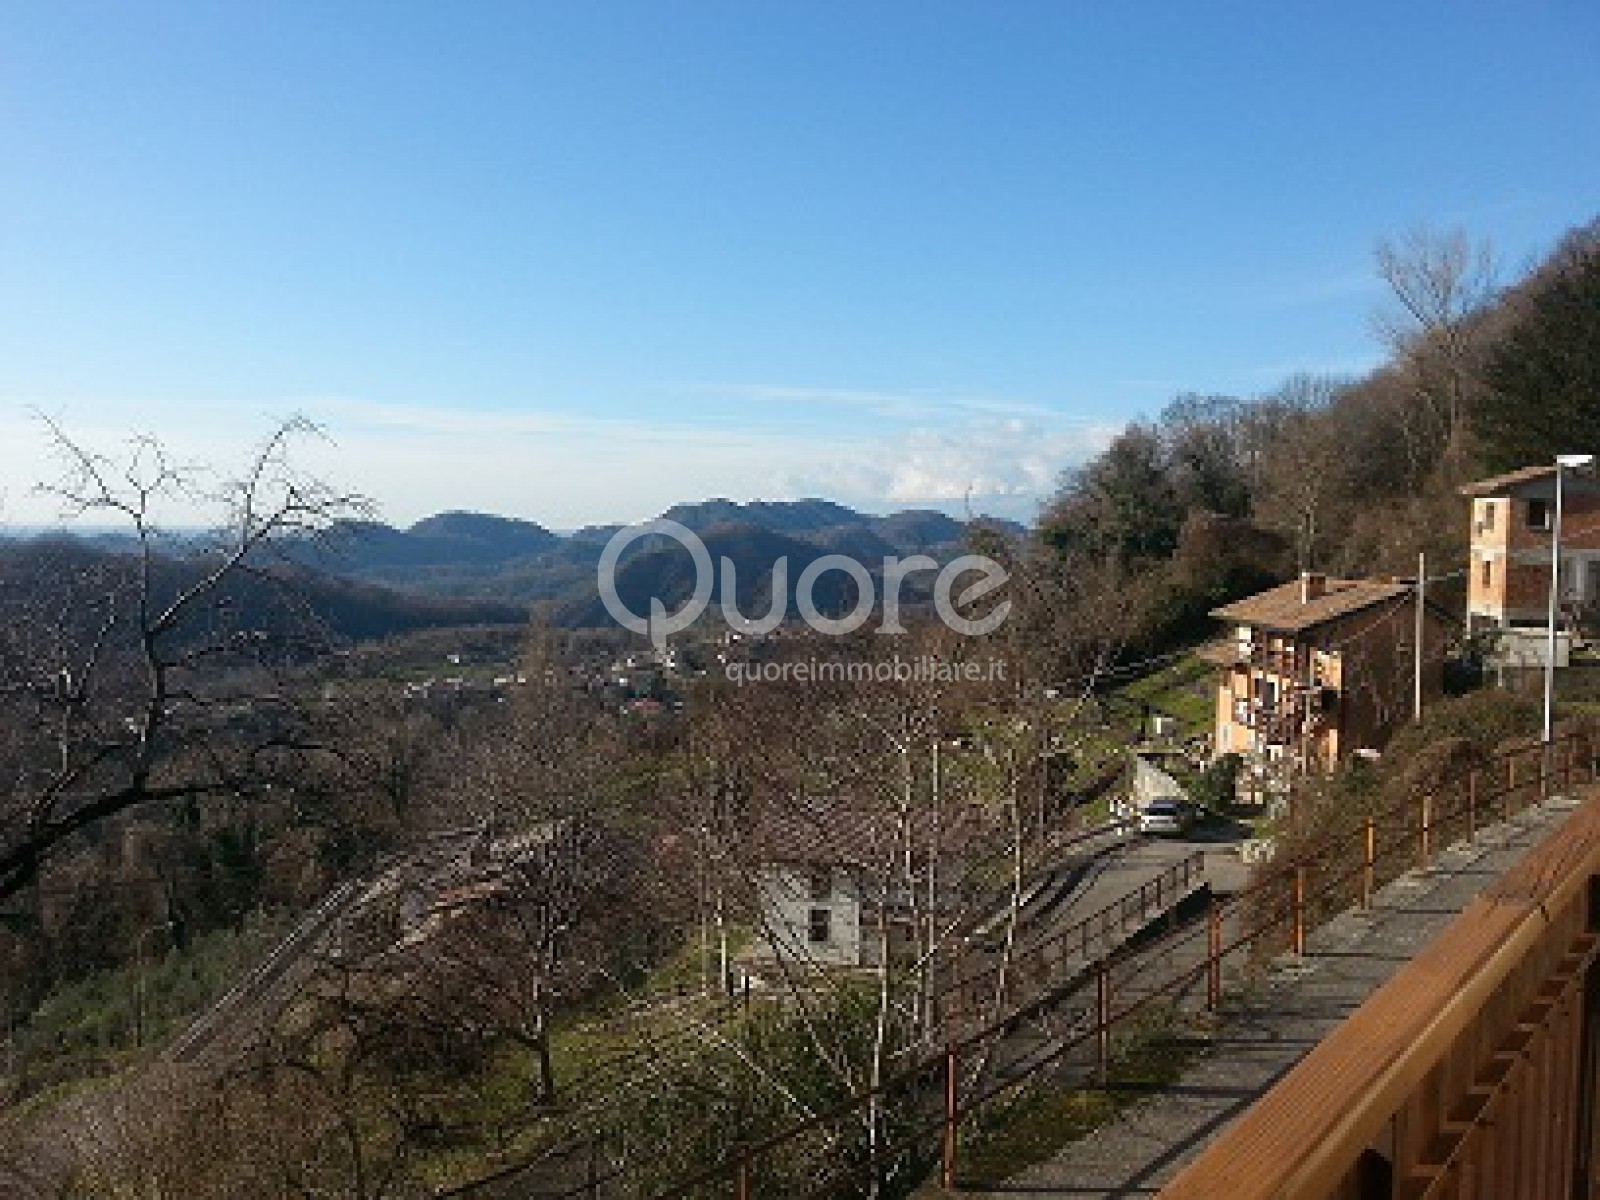 Soluzione Indipendente in vendita a Forgaria nel Friuli, 5 locali, zona Località: ForgariaNelFriuli, prezzo € 100.000 | CambioCasa.it